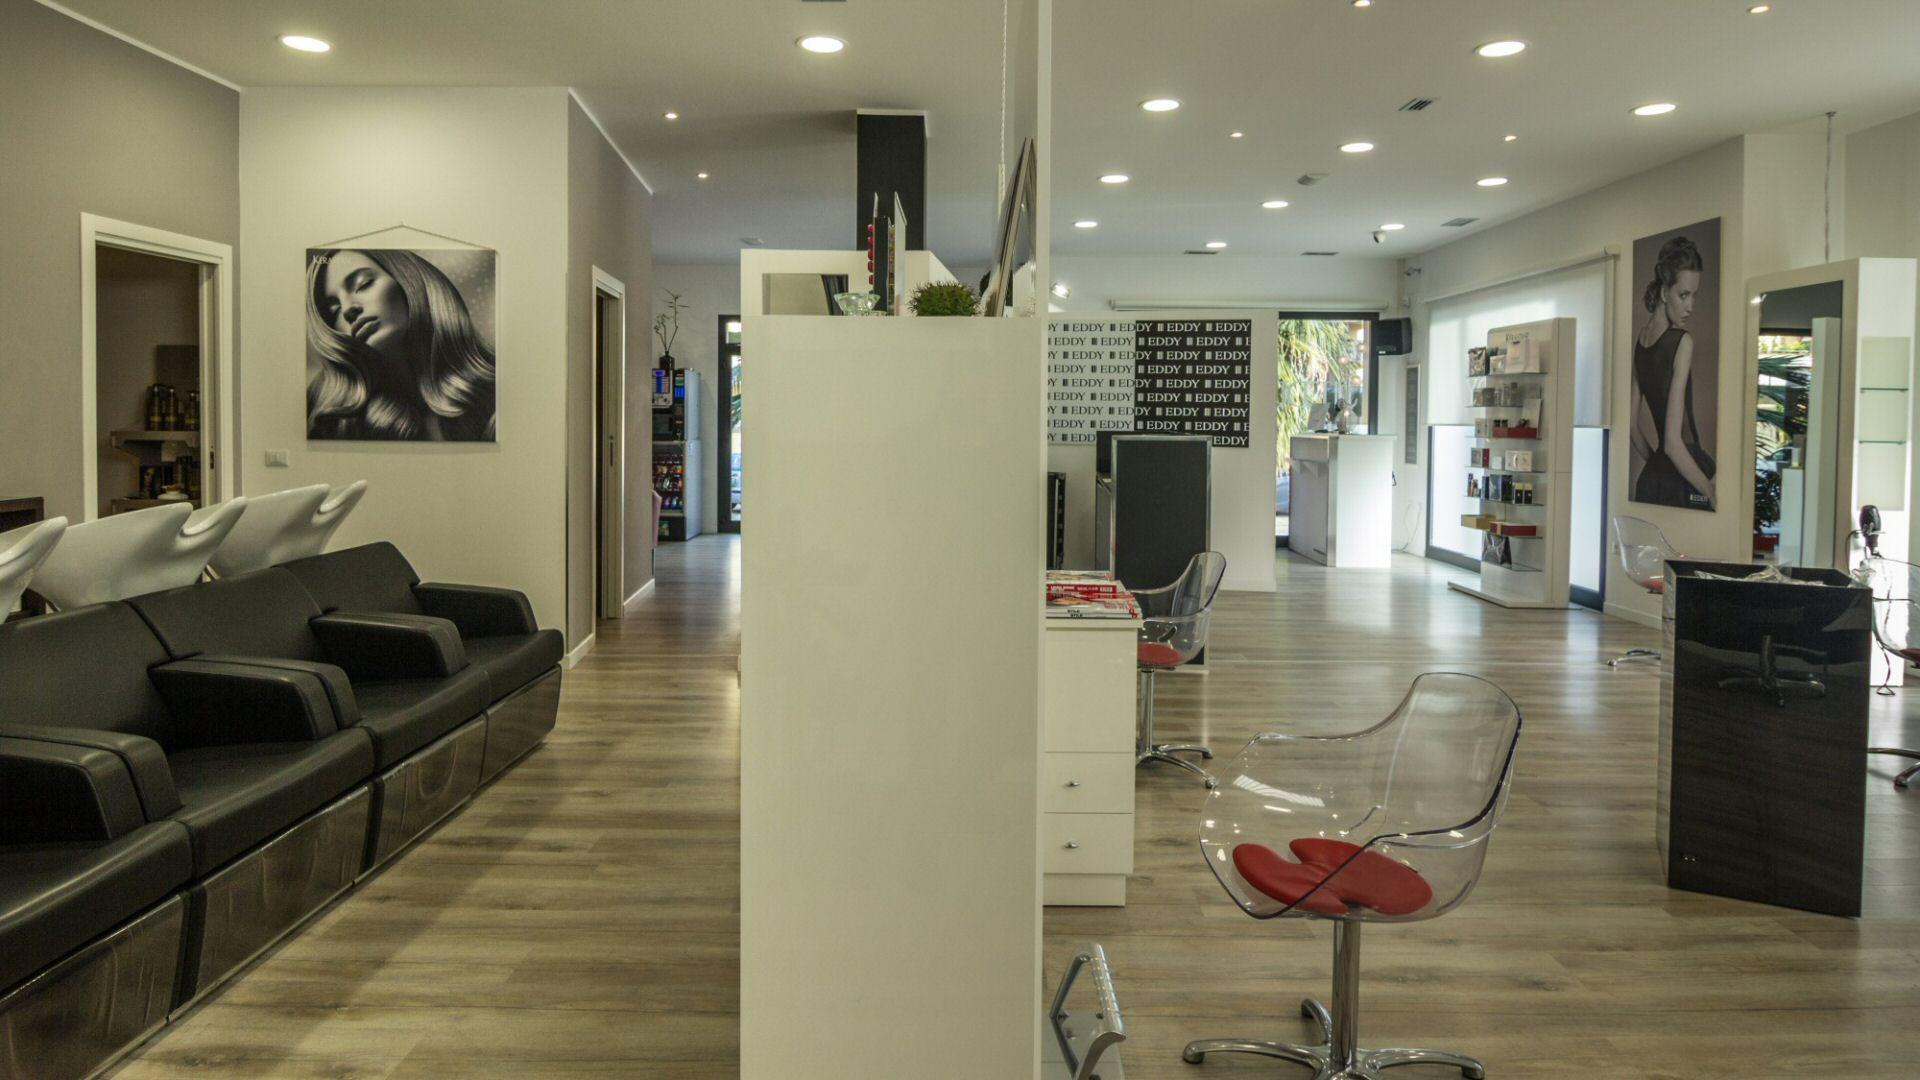 Salone parrucchieria: taglio, colorazione, antiage